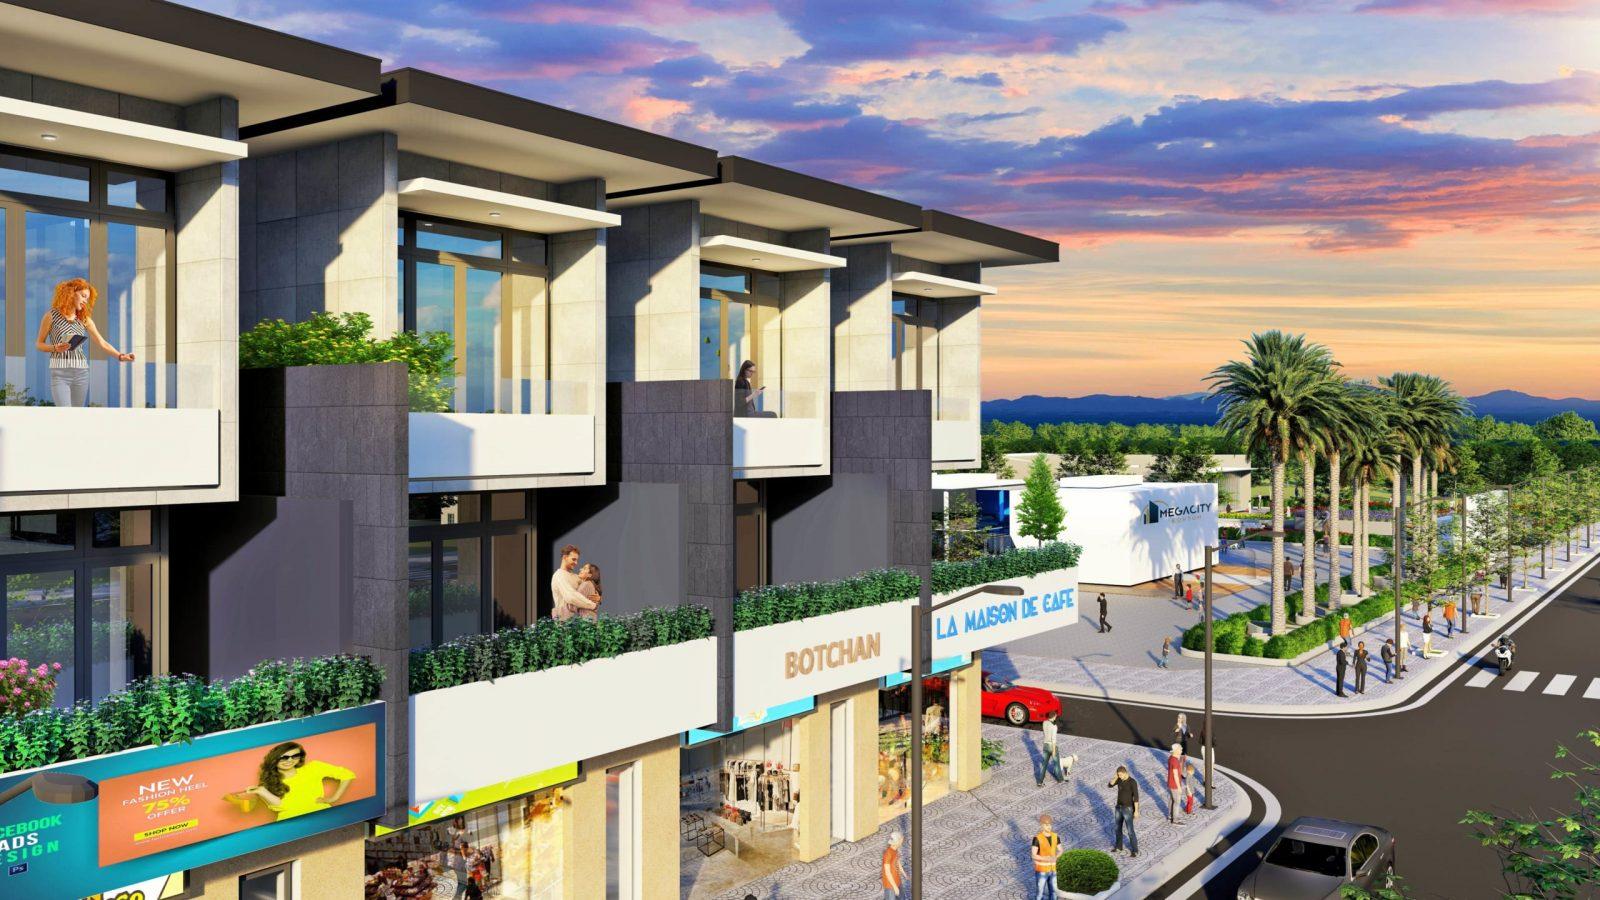 Triển khai mô hình nhà phố nhân 3 lợi ích tại Kon Tum